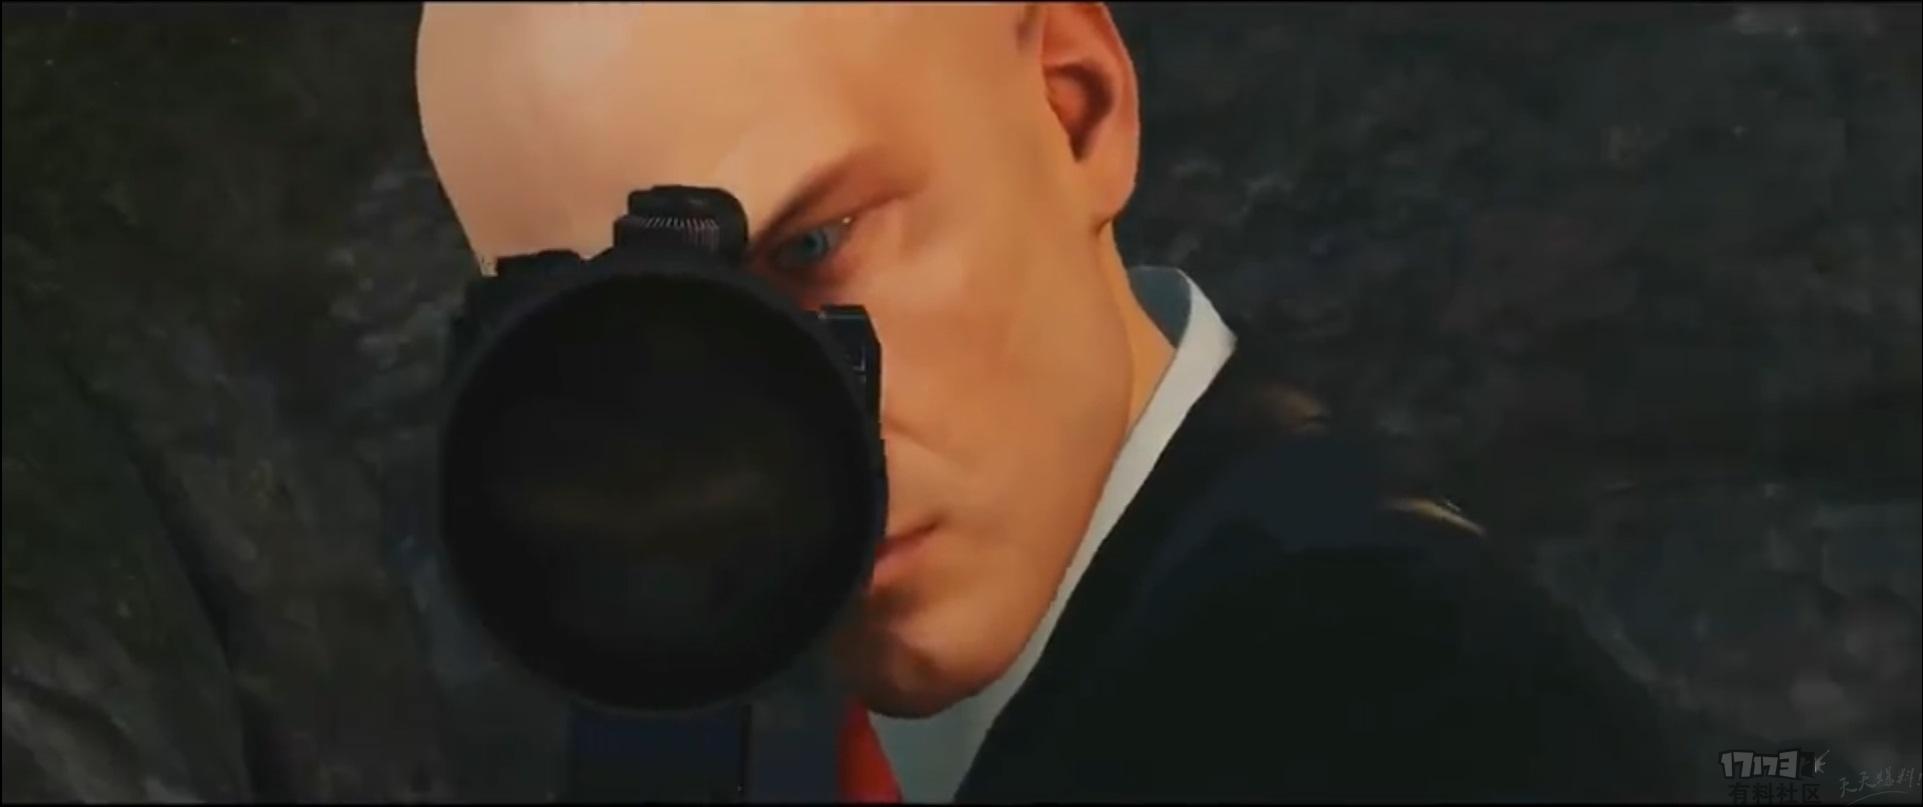 主角瞄准镜.jpg